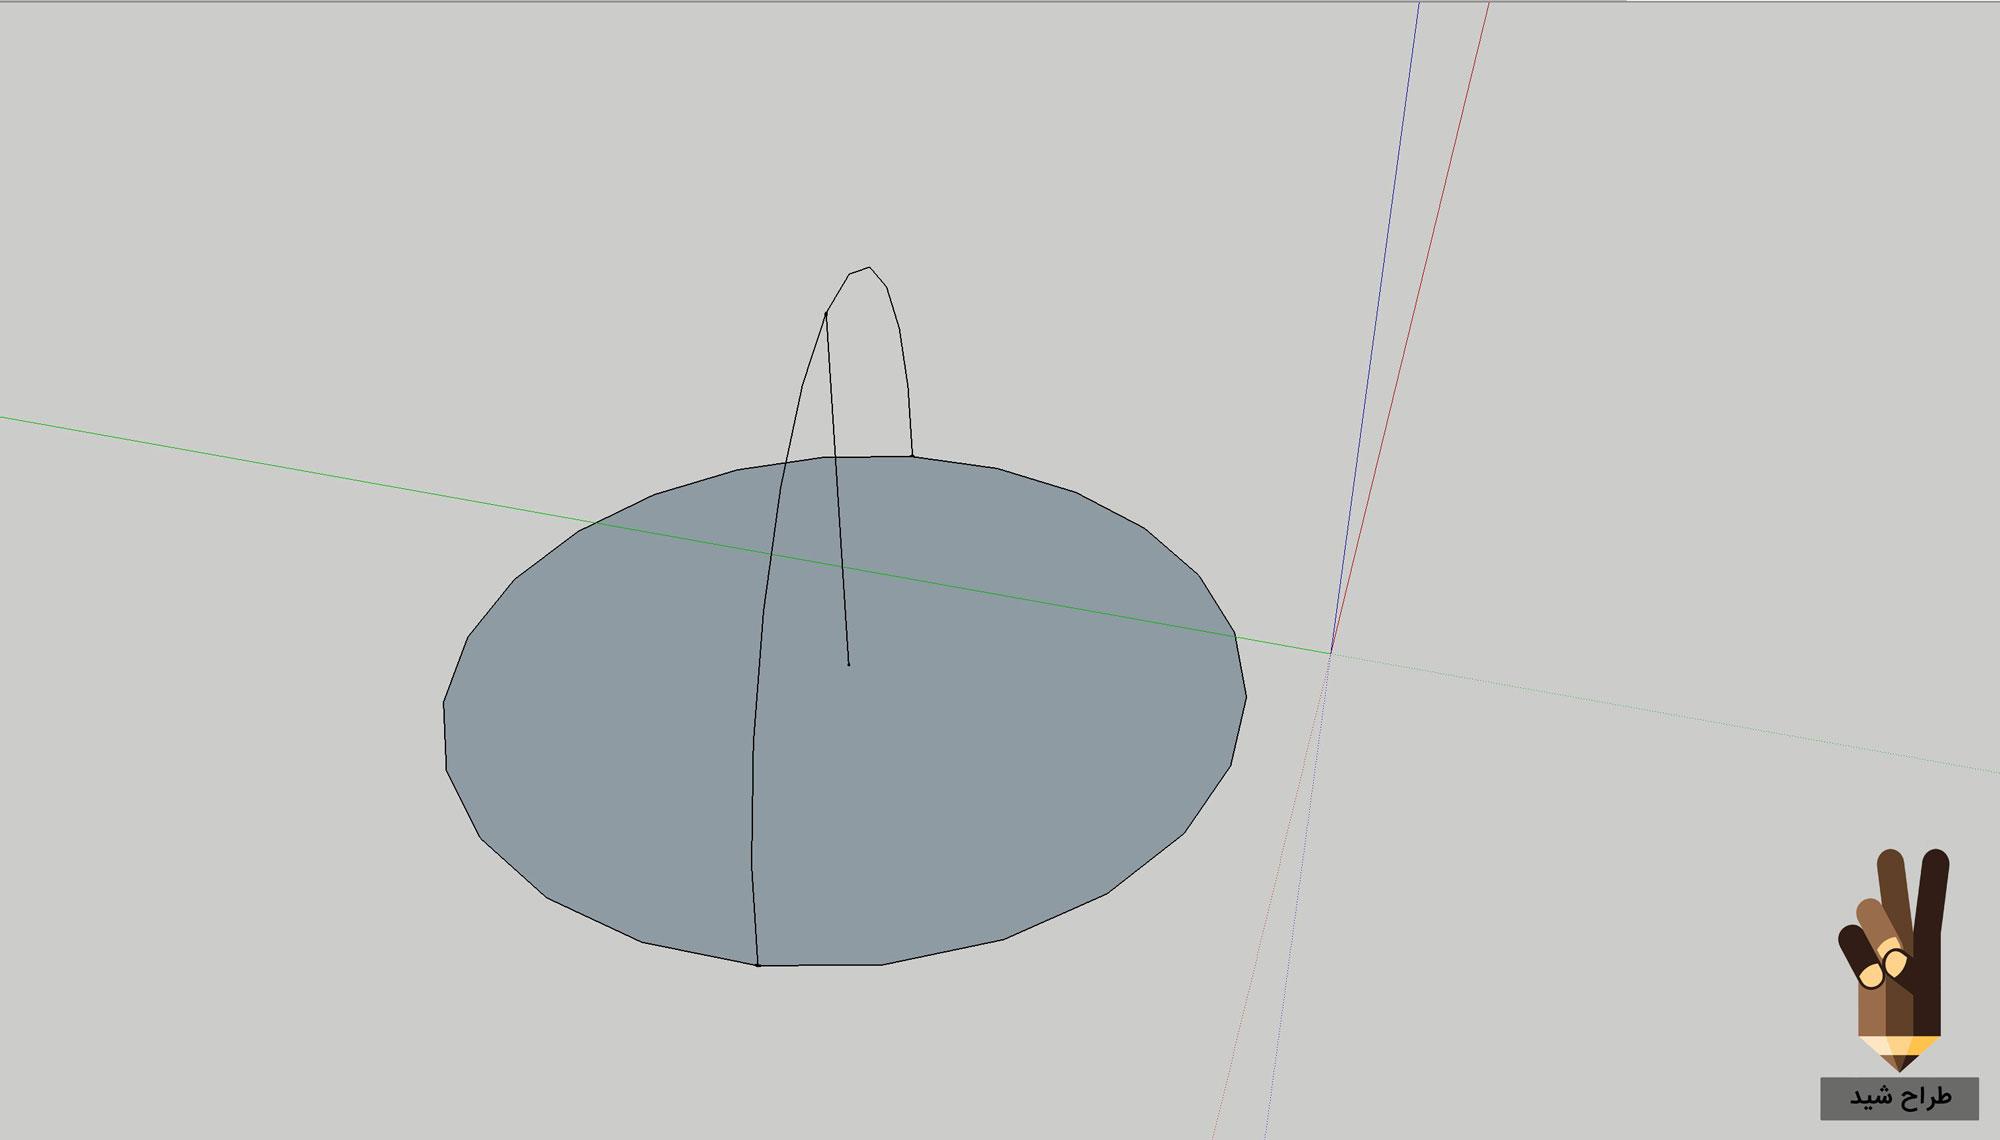 طراحی گنبد در اسکچاپ 4